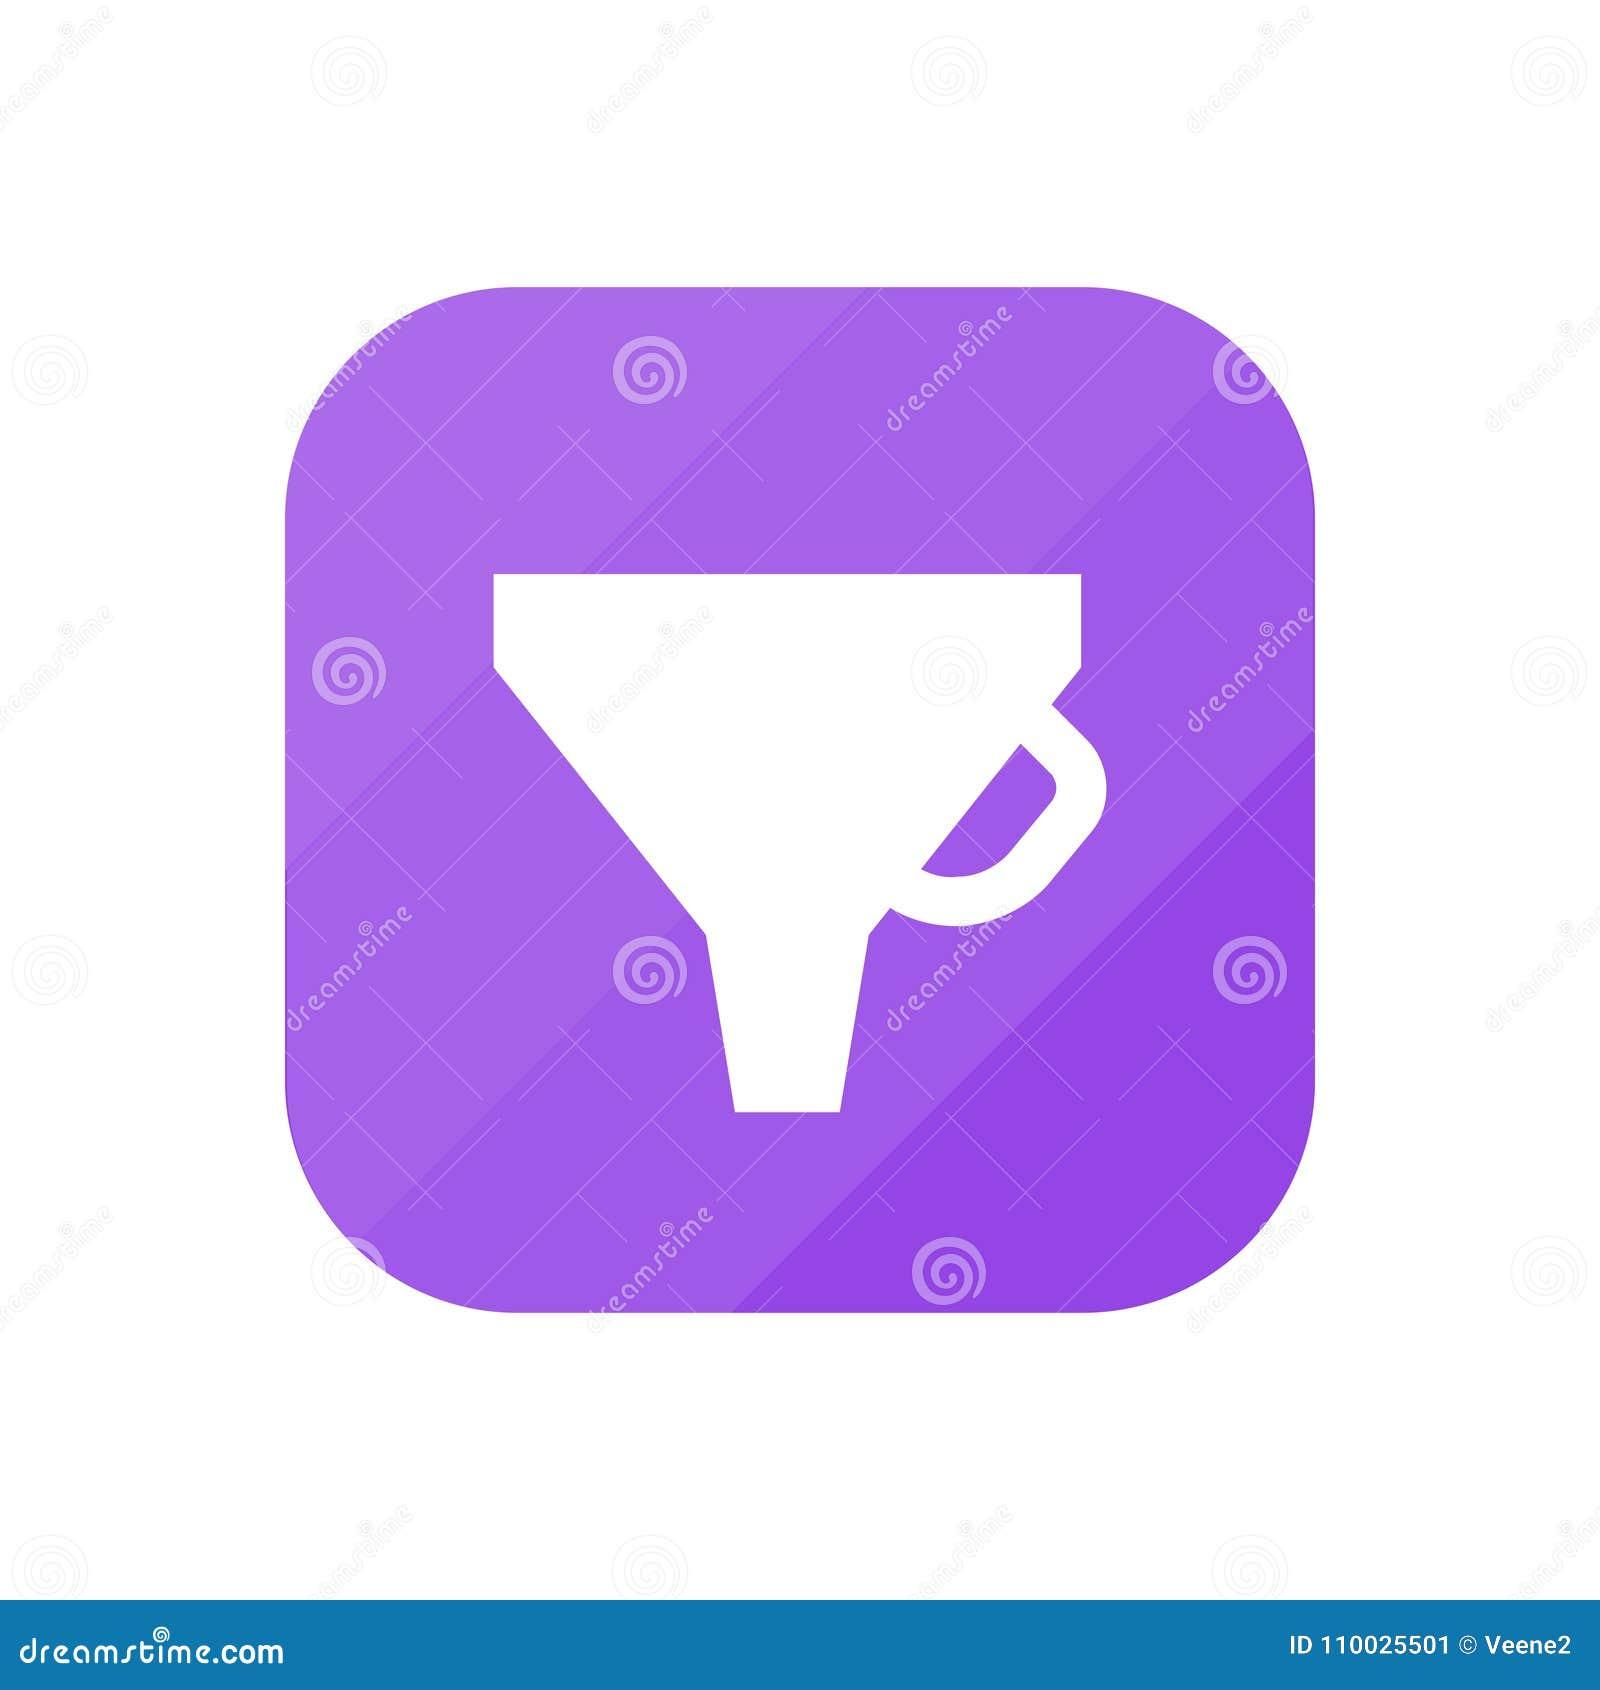 Trechter - App Pictogram